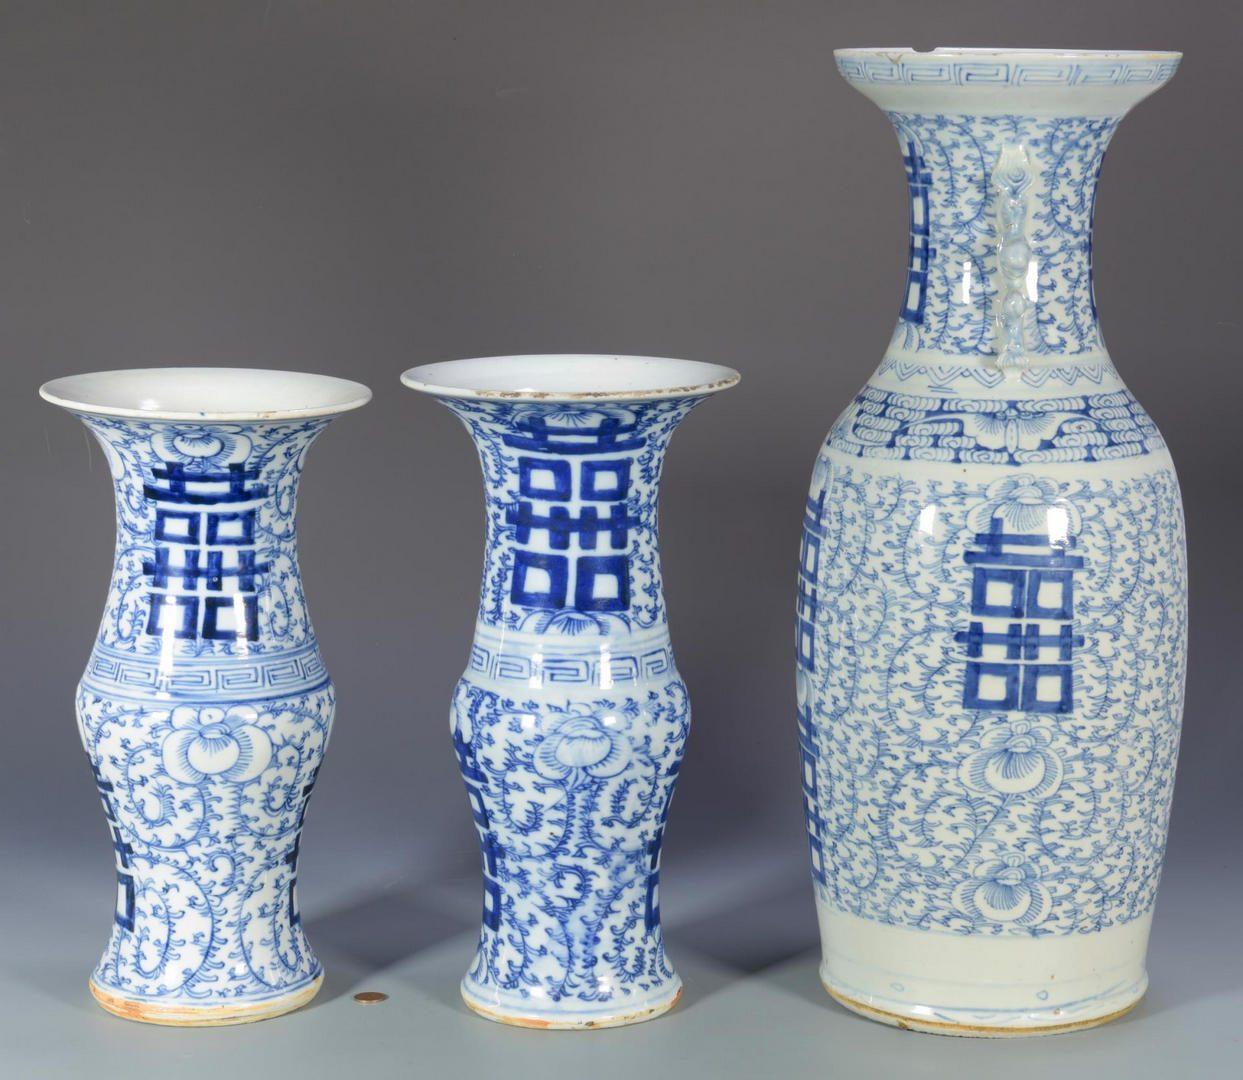 Lot 46: 3 Asian Blue/White Vases